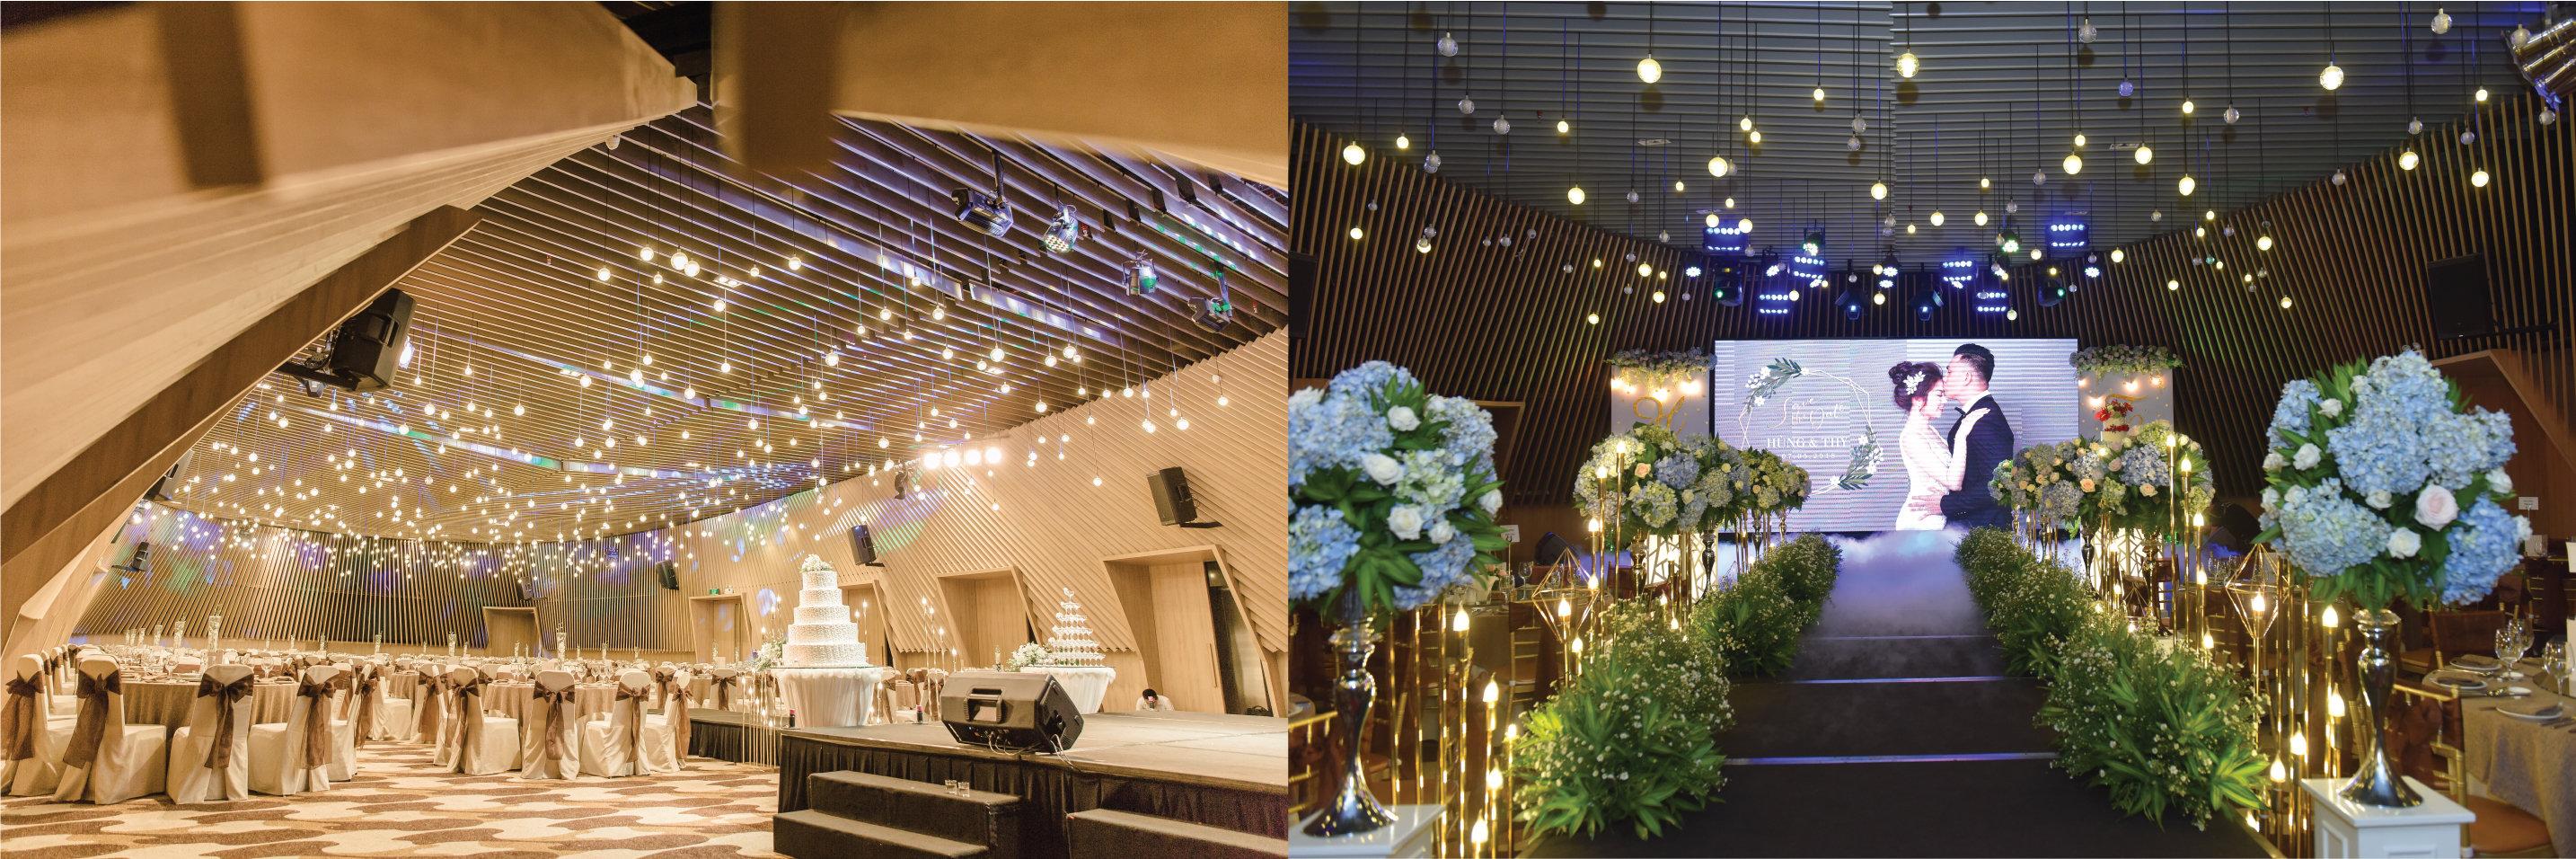 Trung tâm tiệc cưới ở Sài Gòn 3 - Capella Gallery Hall